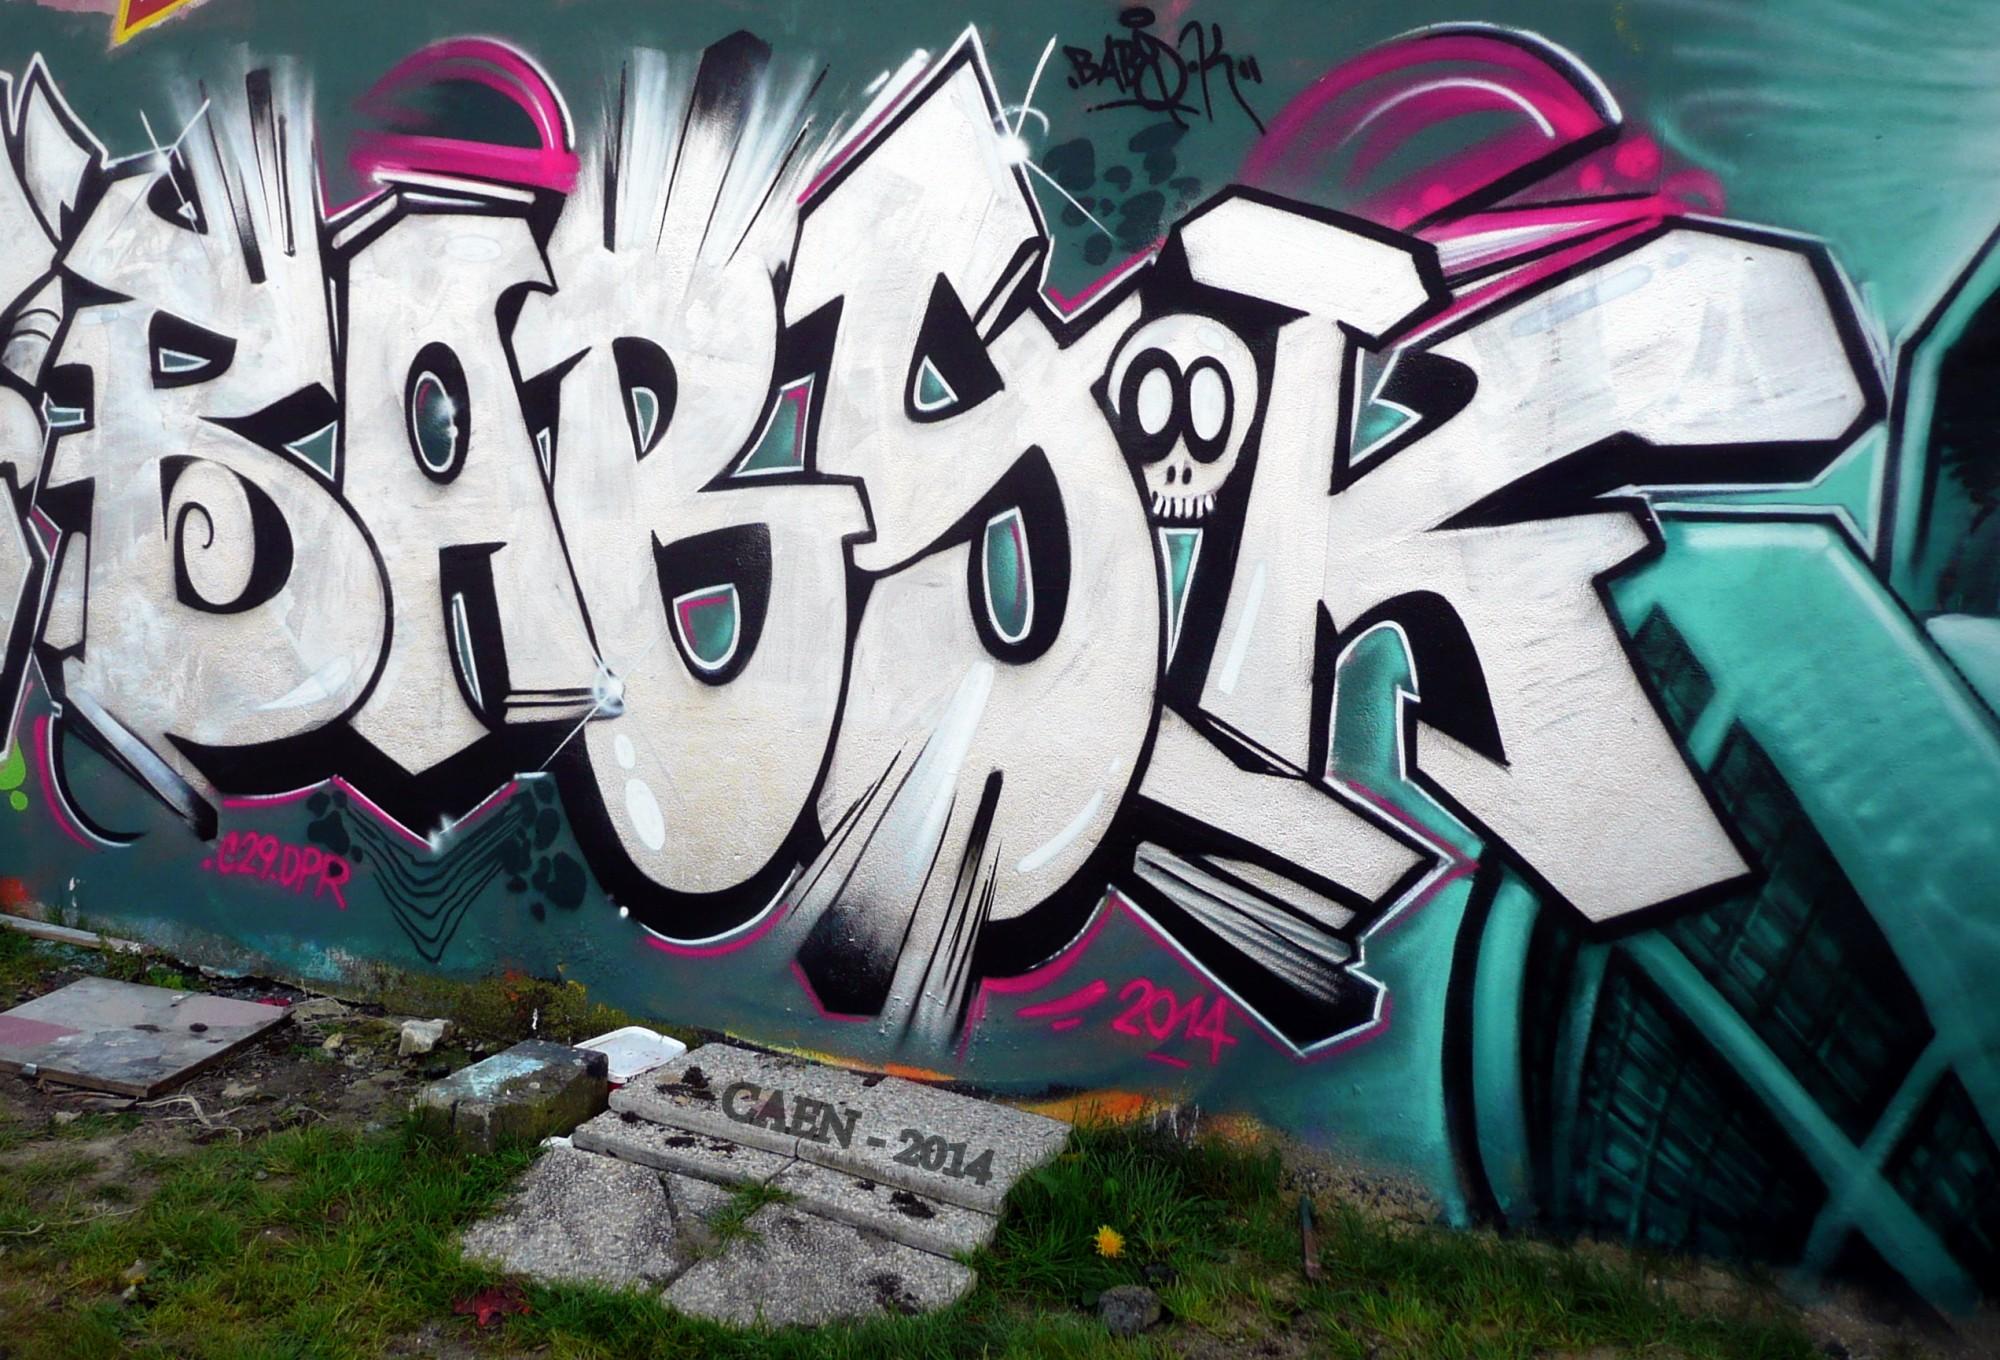 Caen 2014